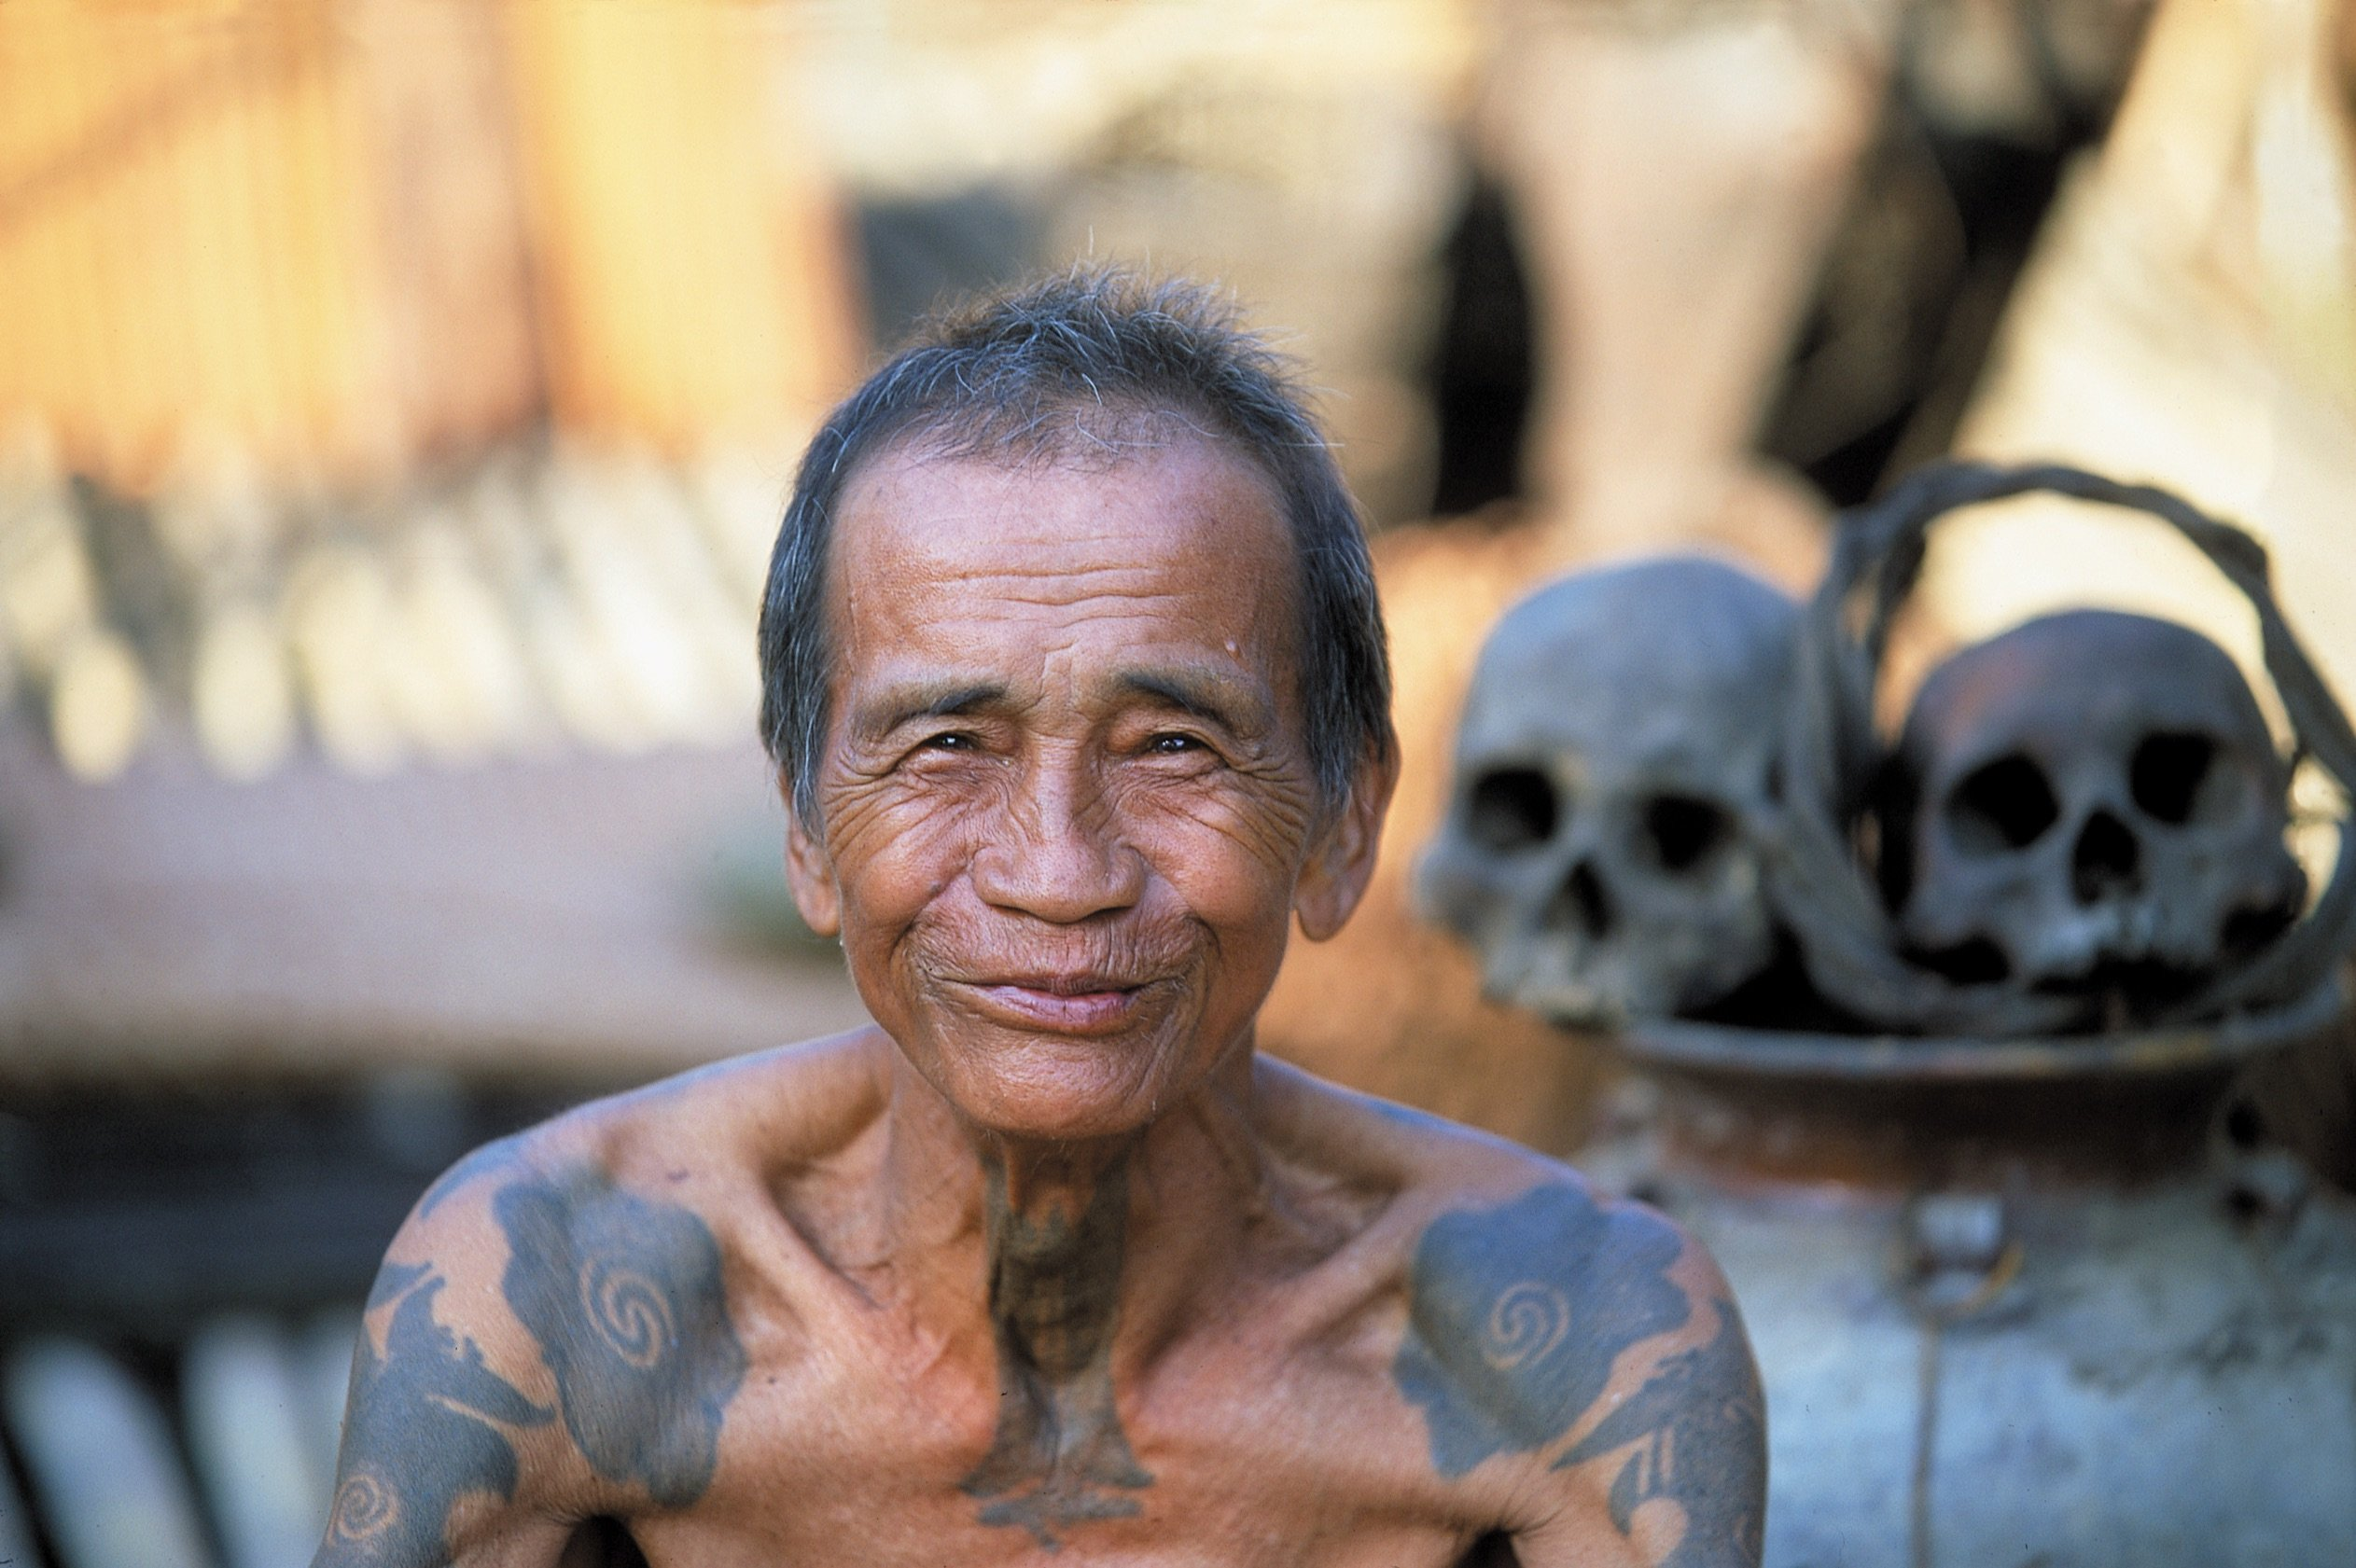 Uomo della tribù dei Dayak, gli antichi Tagliatori di Teste, con i tatuaggi tribali del Borneo